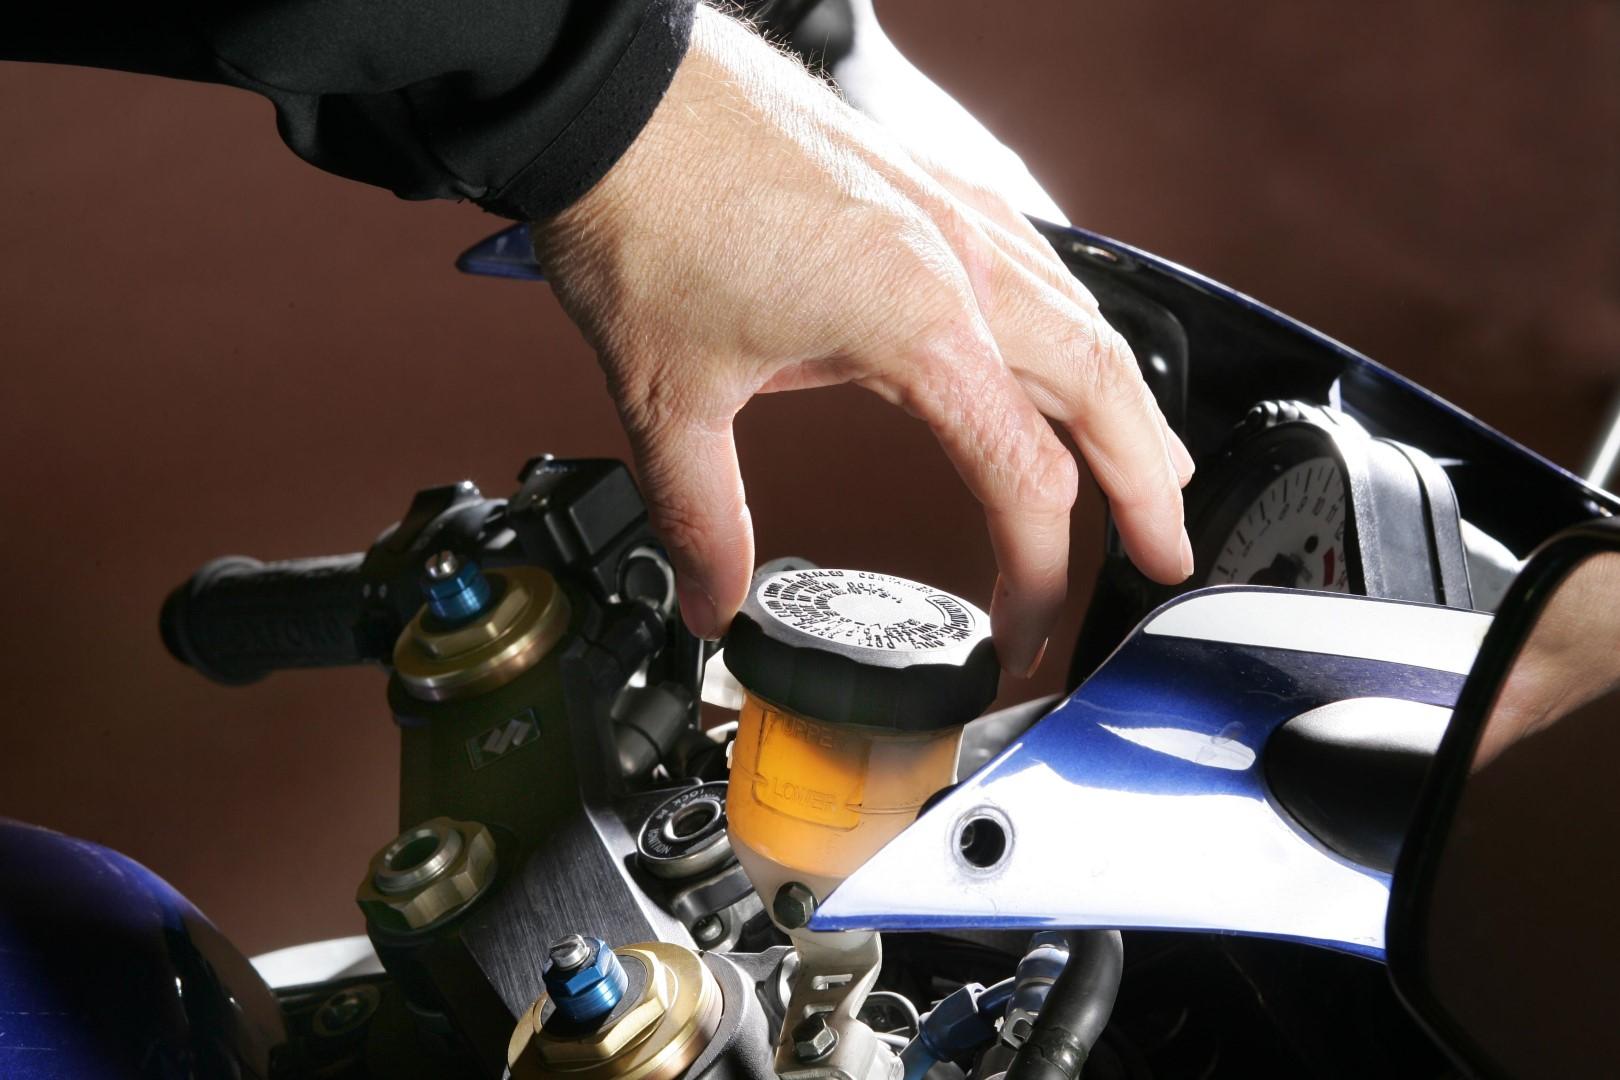 Cómo revisar el nivel del líquido de frenos de tu moto